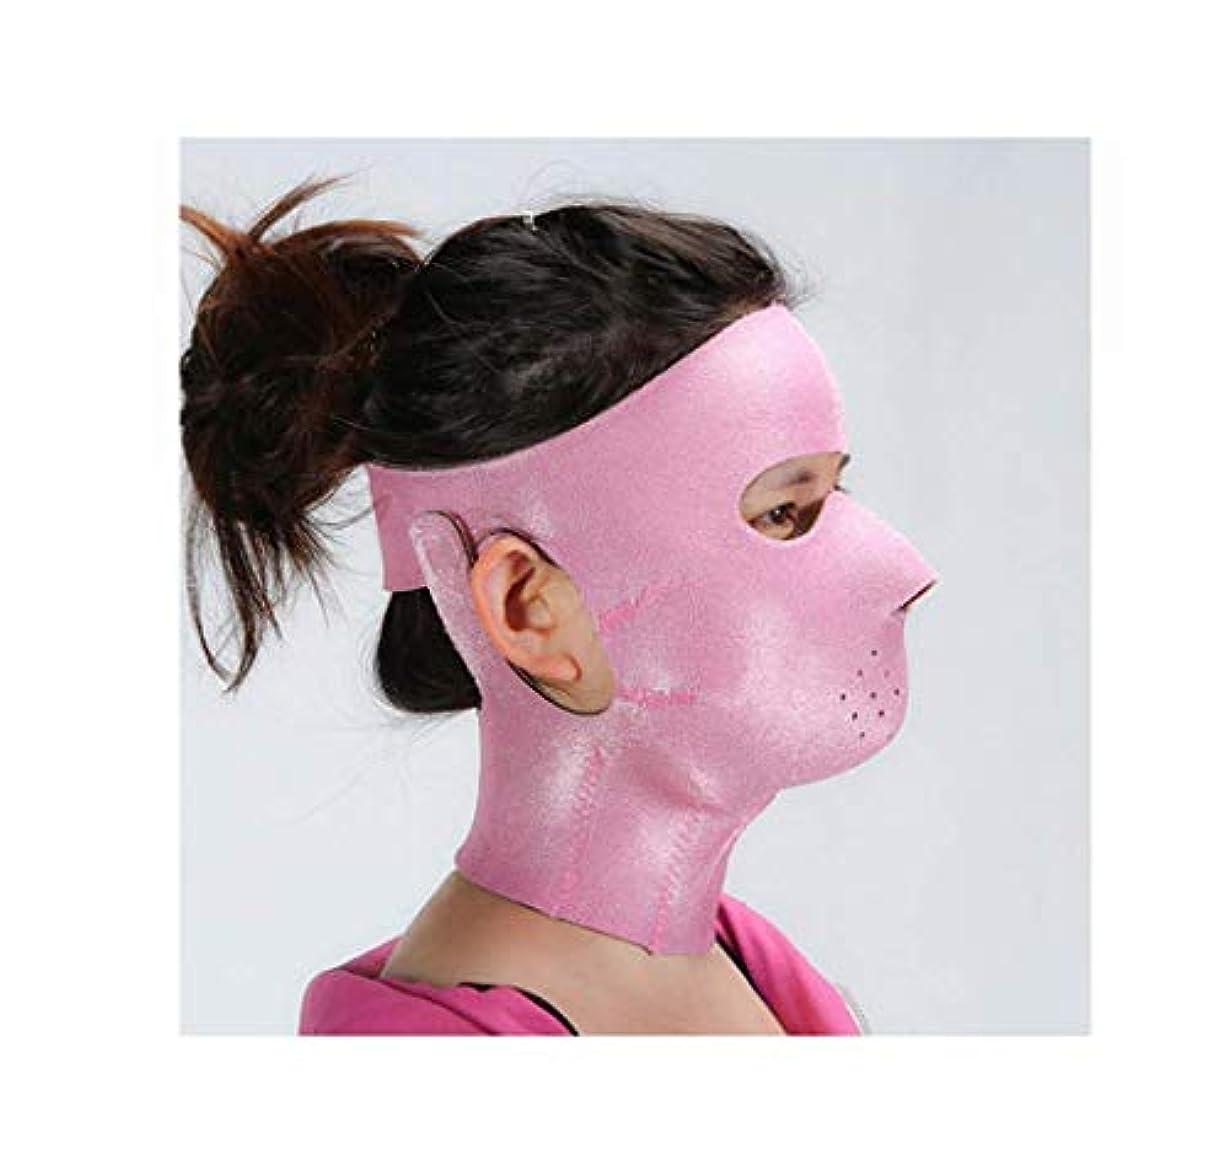 前にブリッジパウダーフェイスリフトマスク、フェイシャルマスクプラス薄いフェイスマスクタイトなたるみの薄いフェイスマスクフェイシャル薄いフェイスマスクアーティファクトビューティーネックストラップ付き